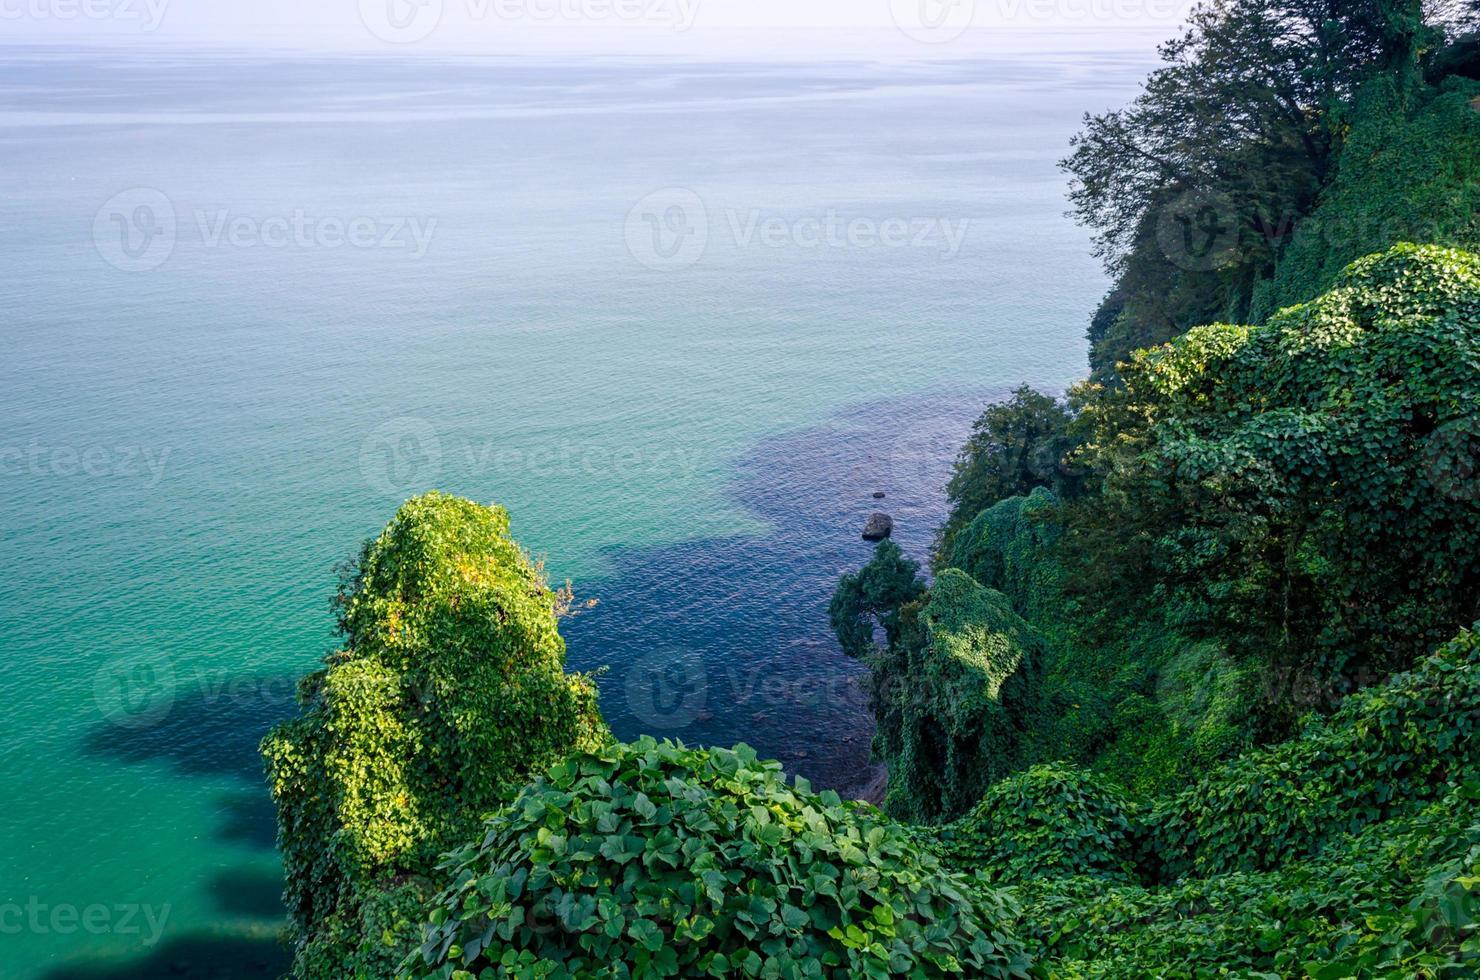 üppige Landschaft am Meer foto